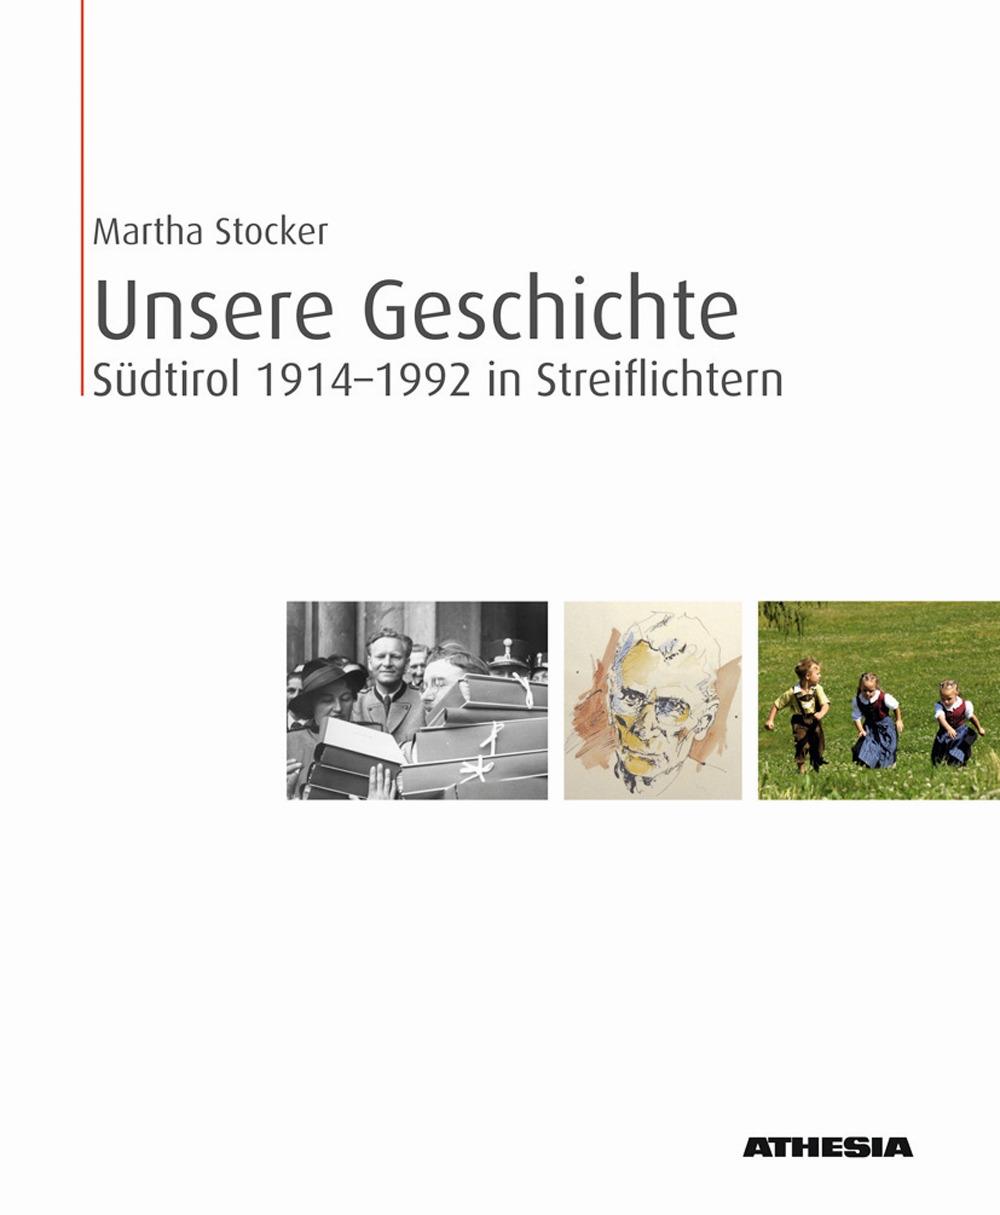 Unsere Geschichte. Südtirol 1914-1992 in Streiflichtern. Ediz. illustrata